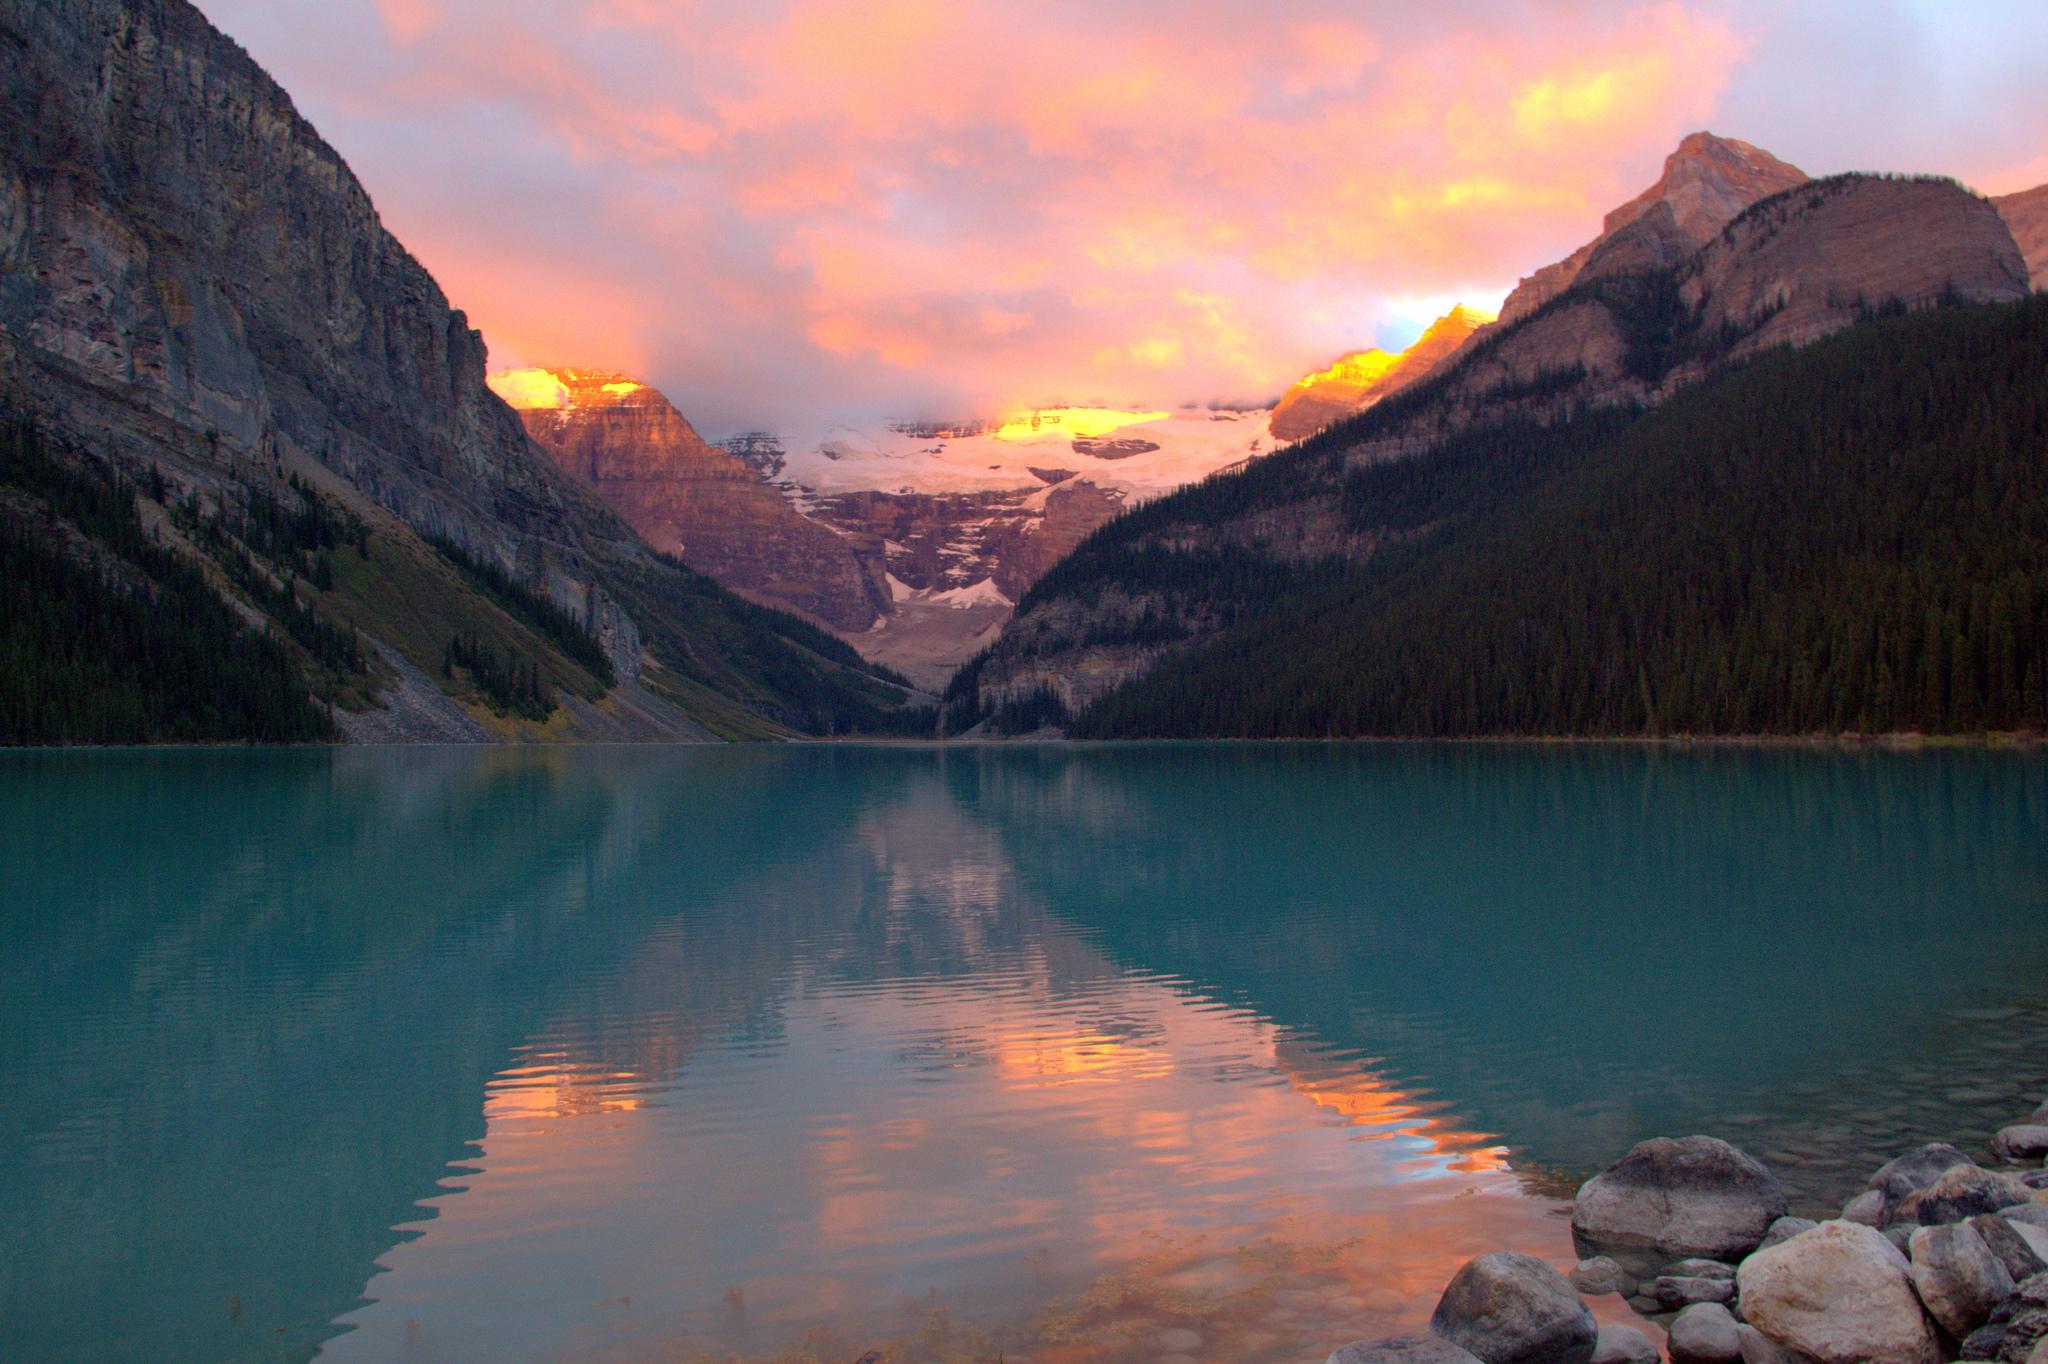 Облака над озером, галька, горы, лес  № 2950419 бесплатно